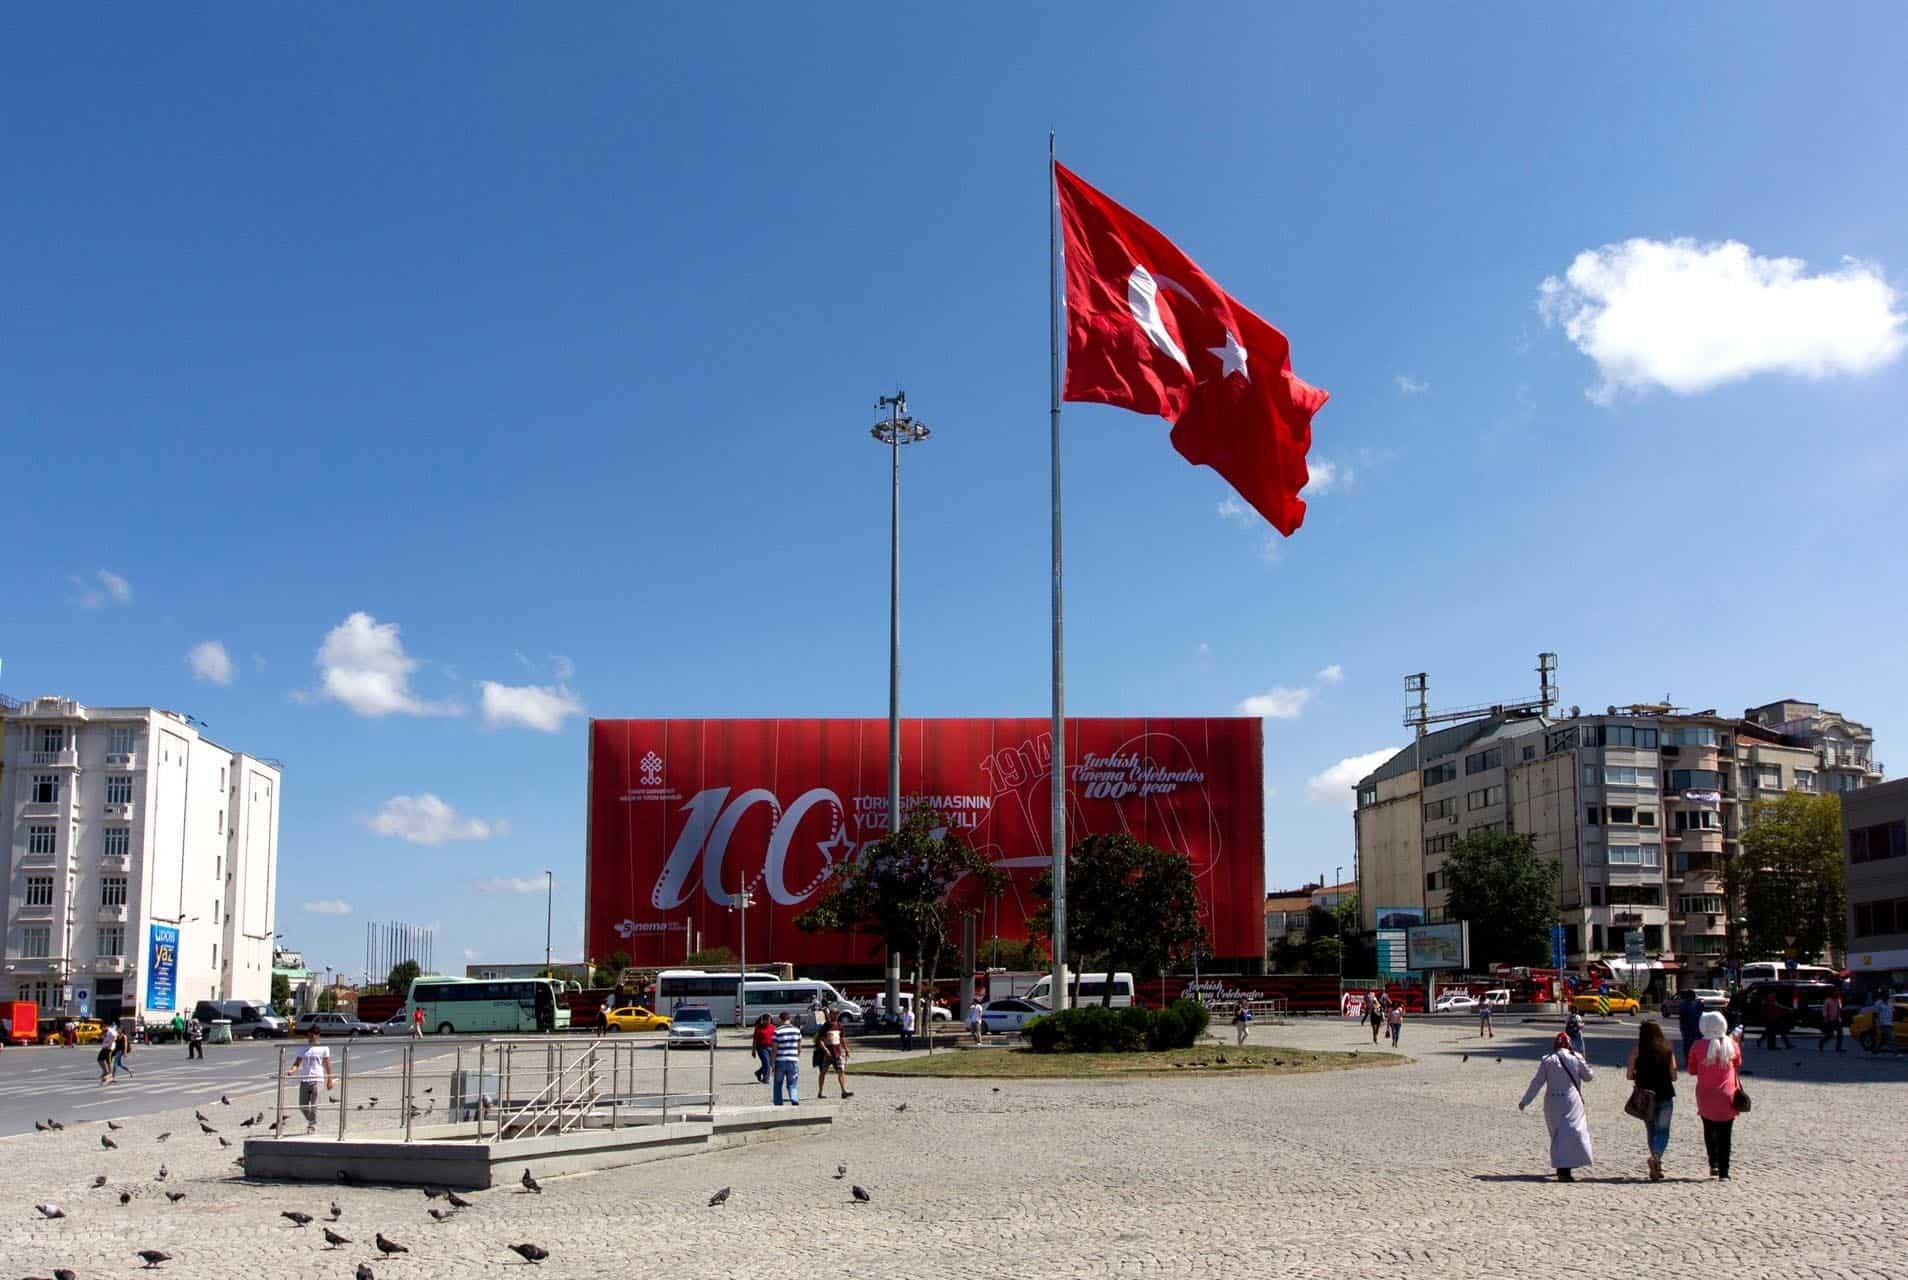 istanbul taksim ataturk kultur merkezi bina giydirme10 - İstanbul Taksim AKM Binası Giydirme